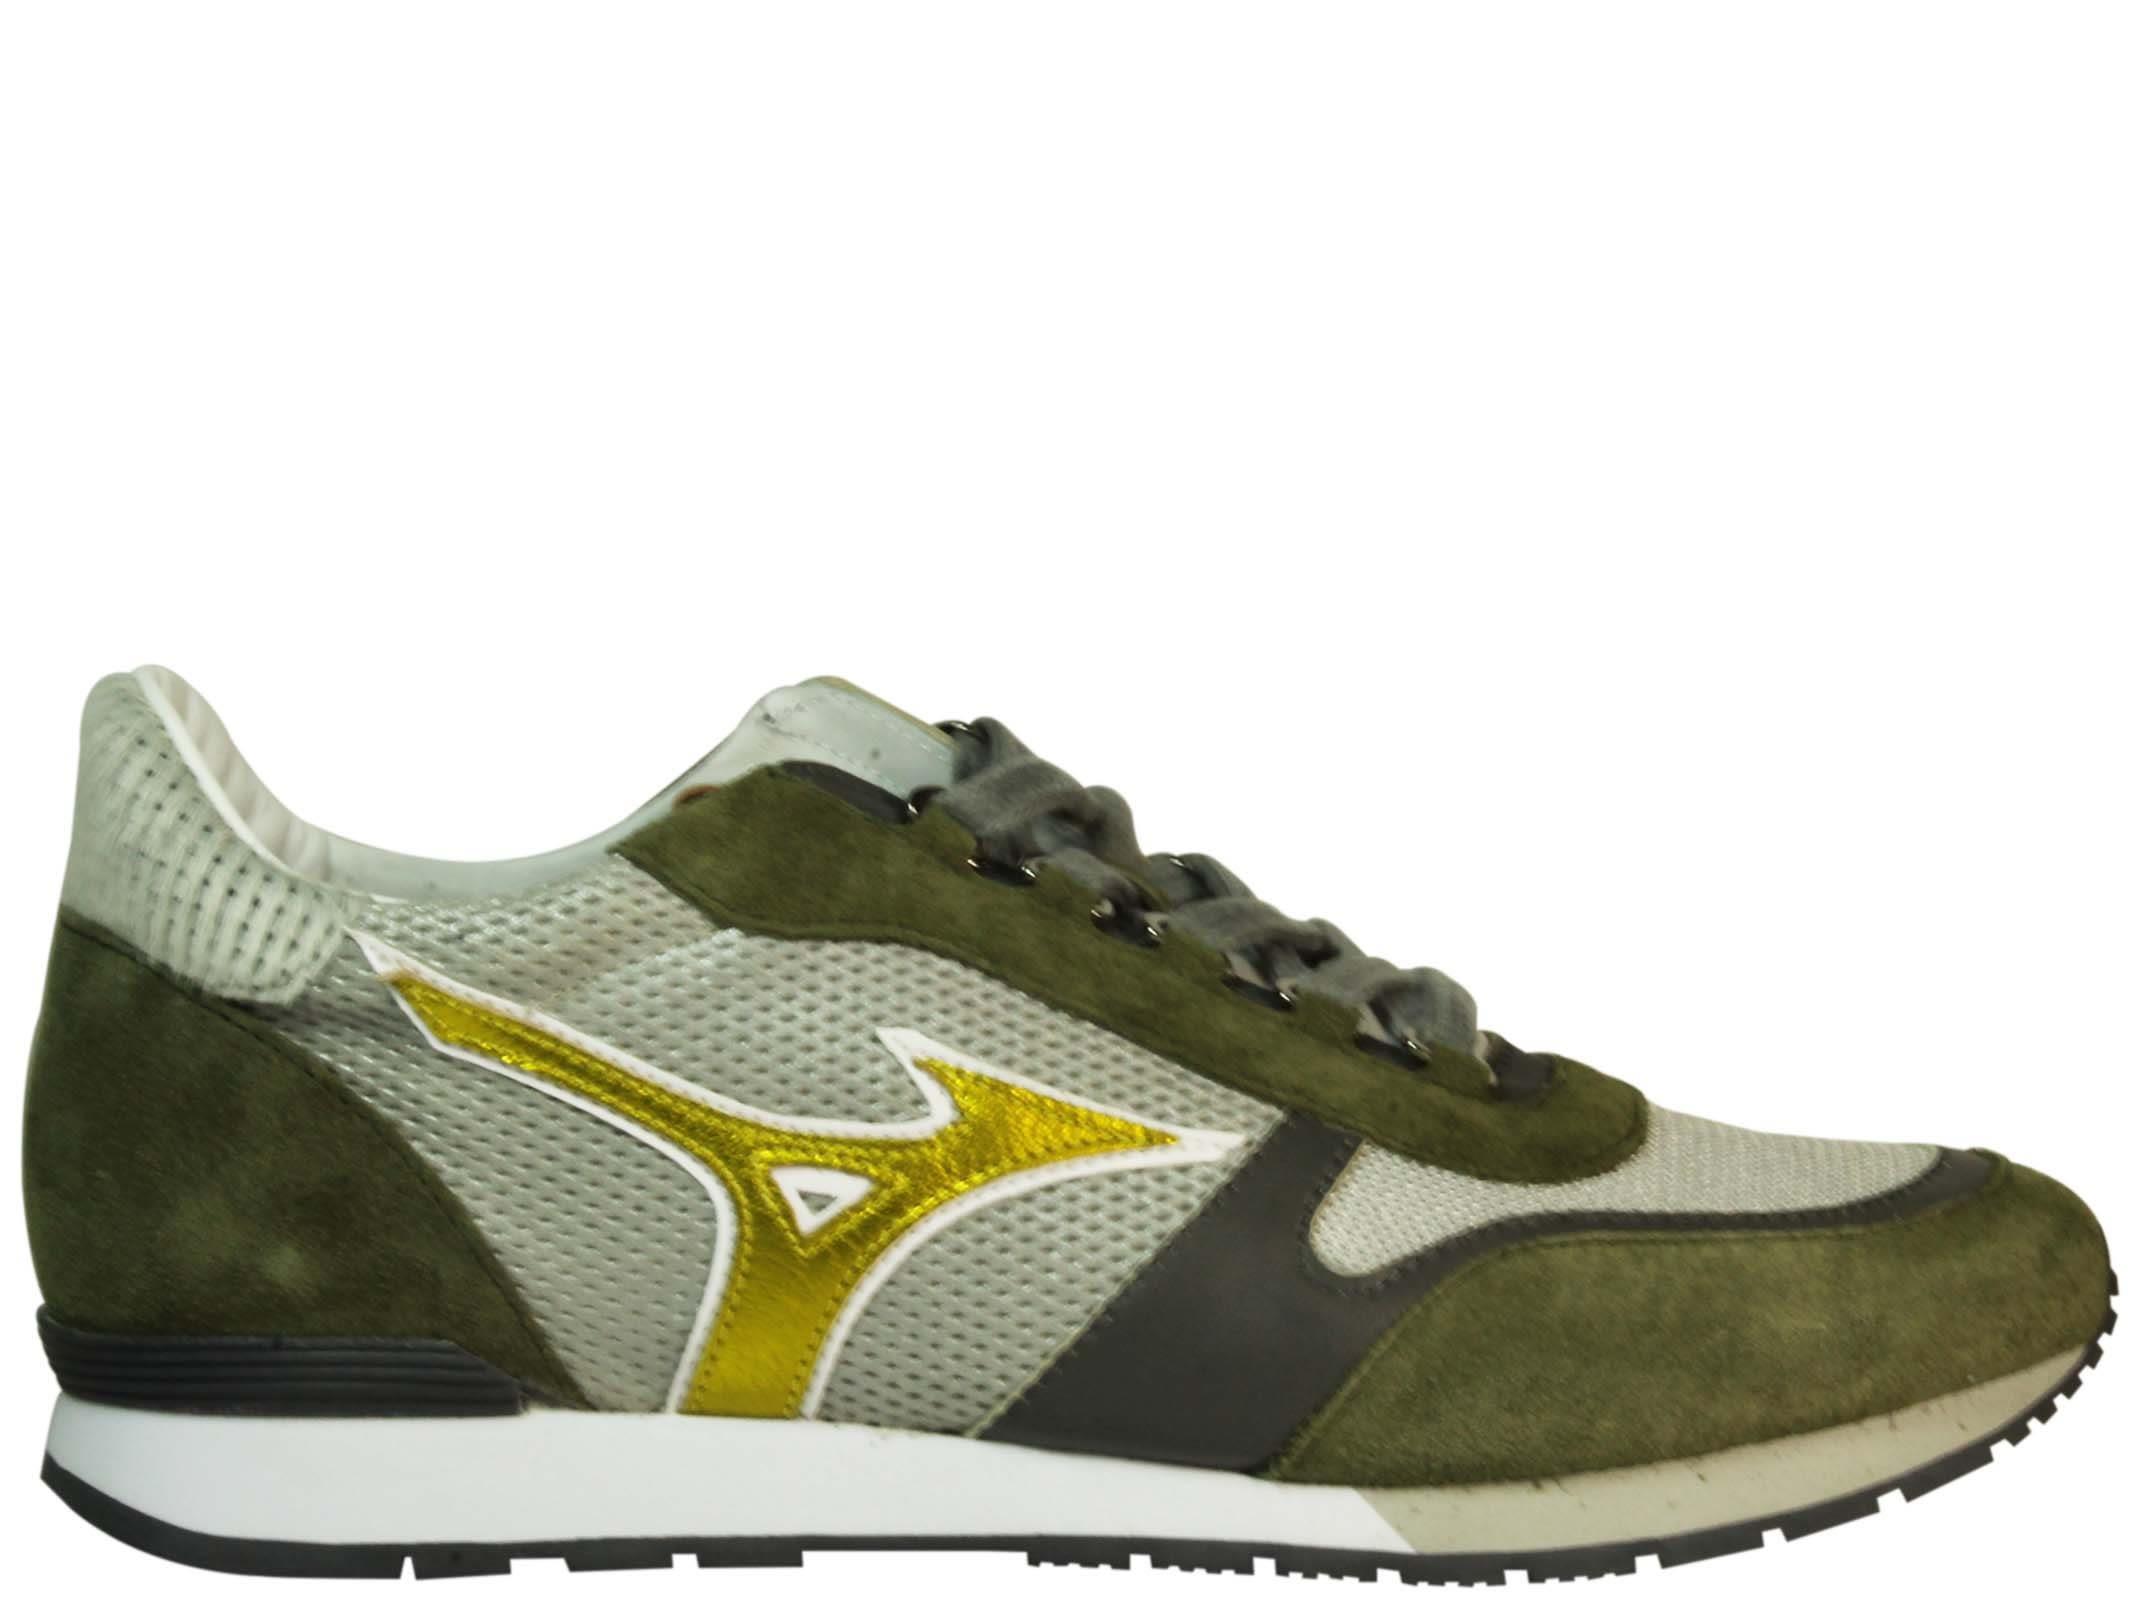 Mizuno Silver Khaki Naos Sneakers In Green